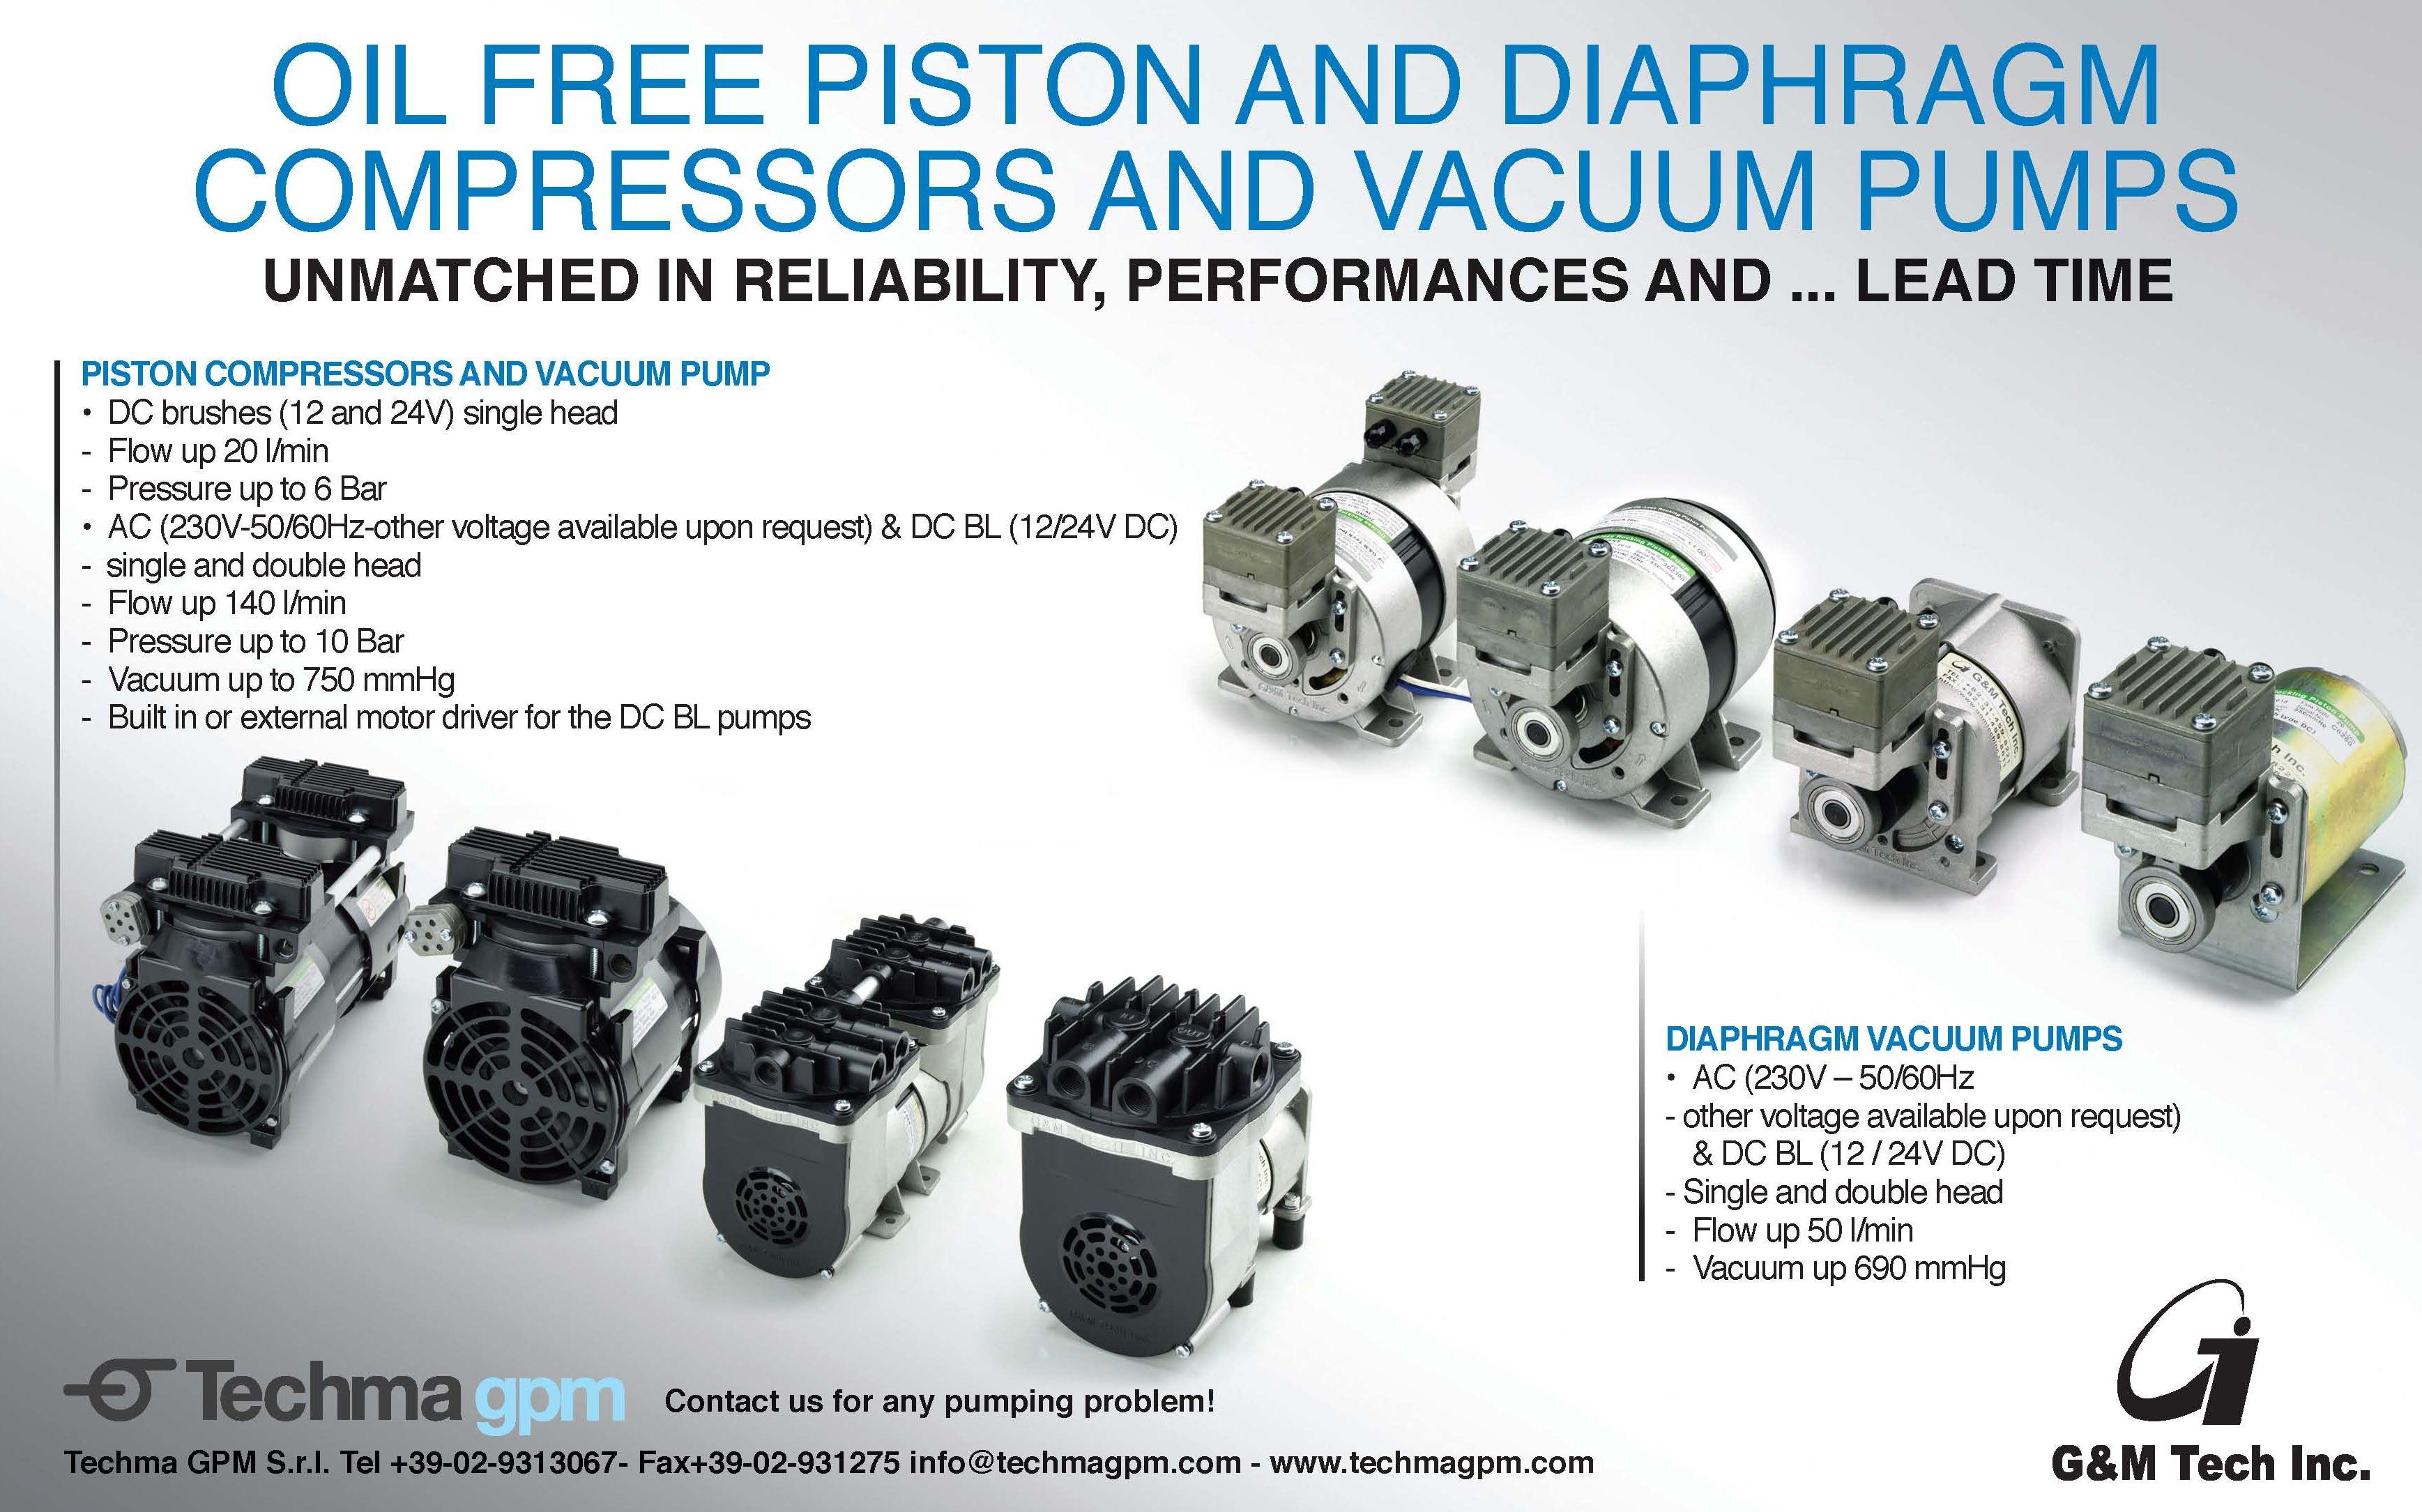 Oil Free Piston and Diaphgram Compressors and Vacuum Pumps